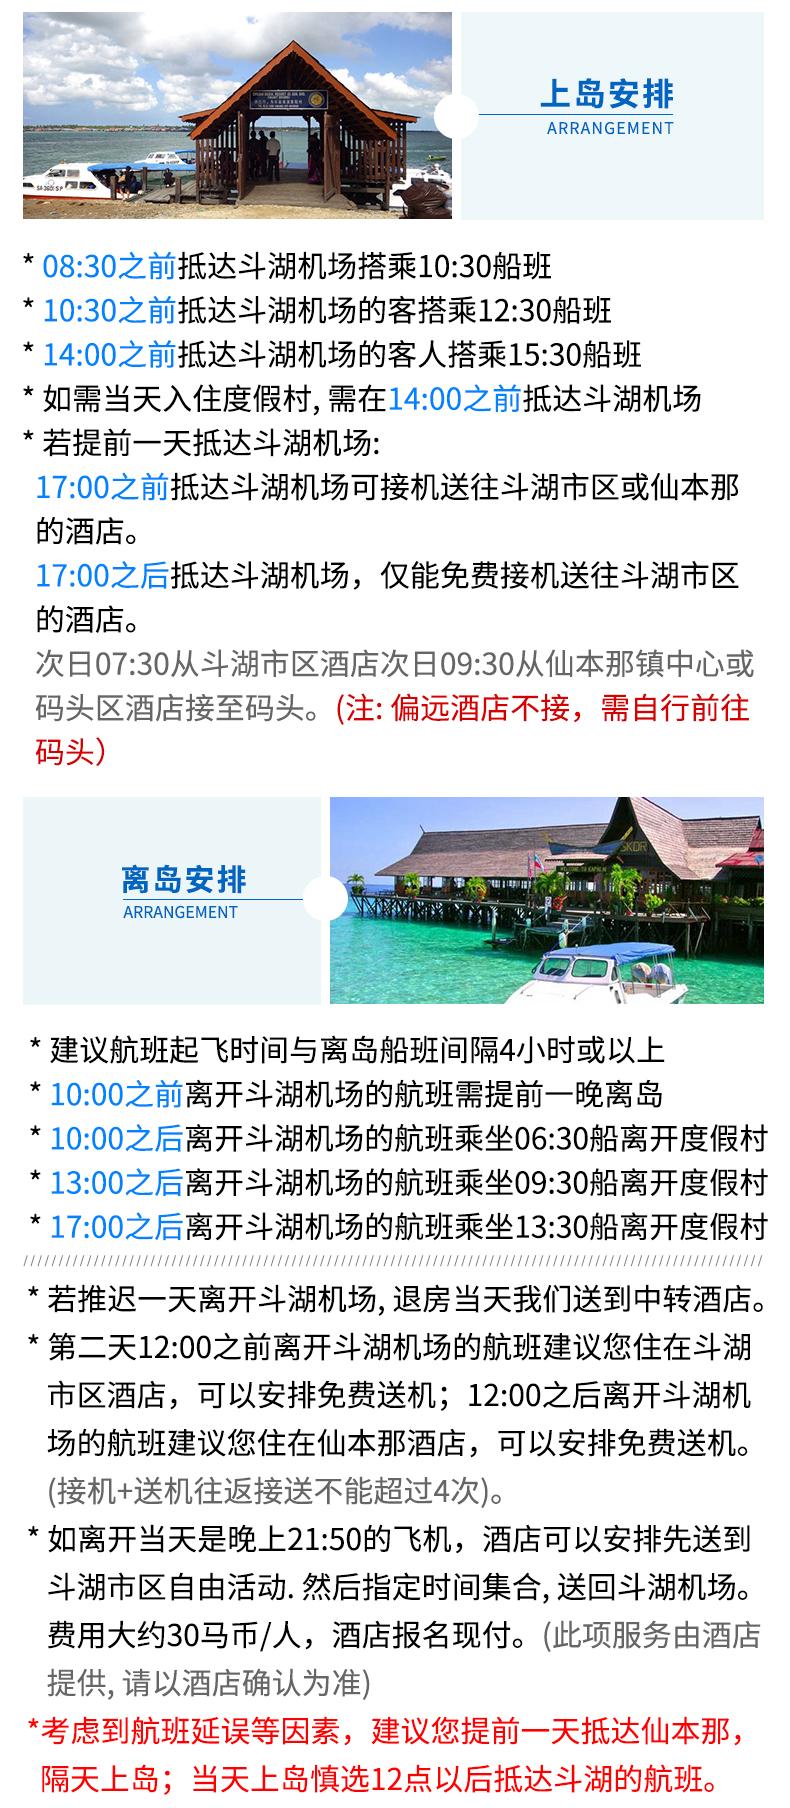 卡帕莱水上屋度假村预定 仙本那水屋 Kapalai岛 诗巴丹潜水 - 潜客假期